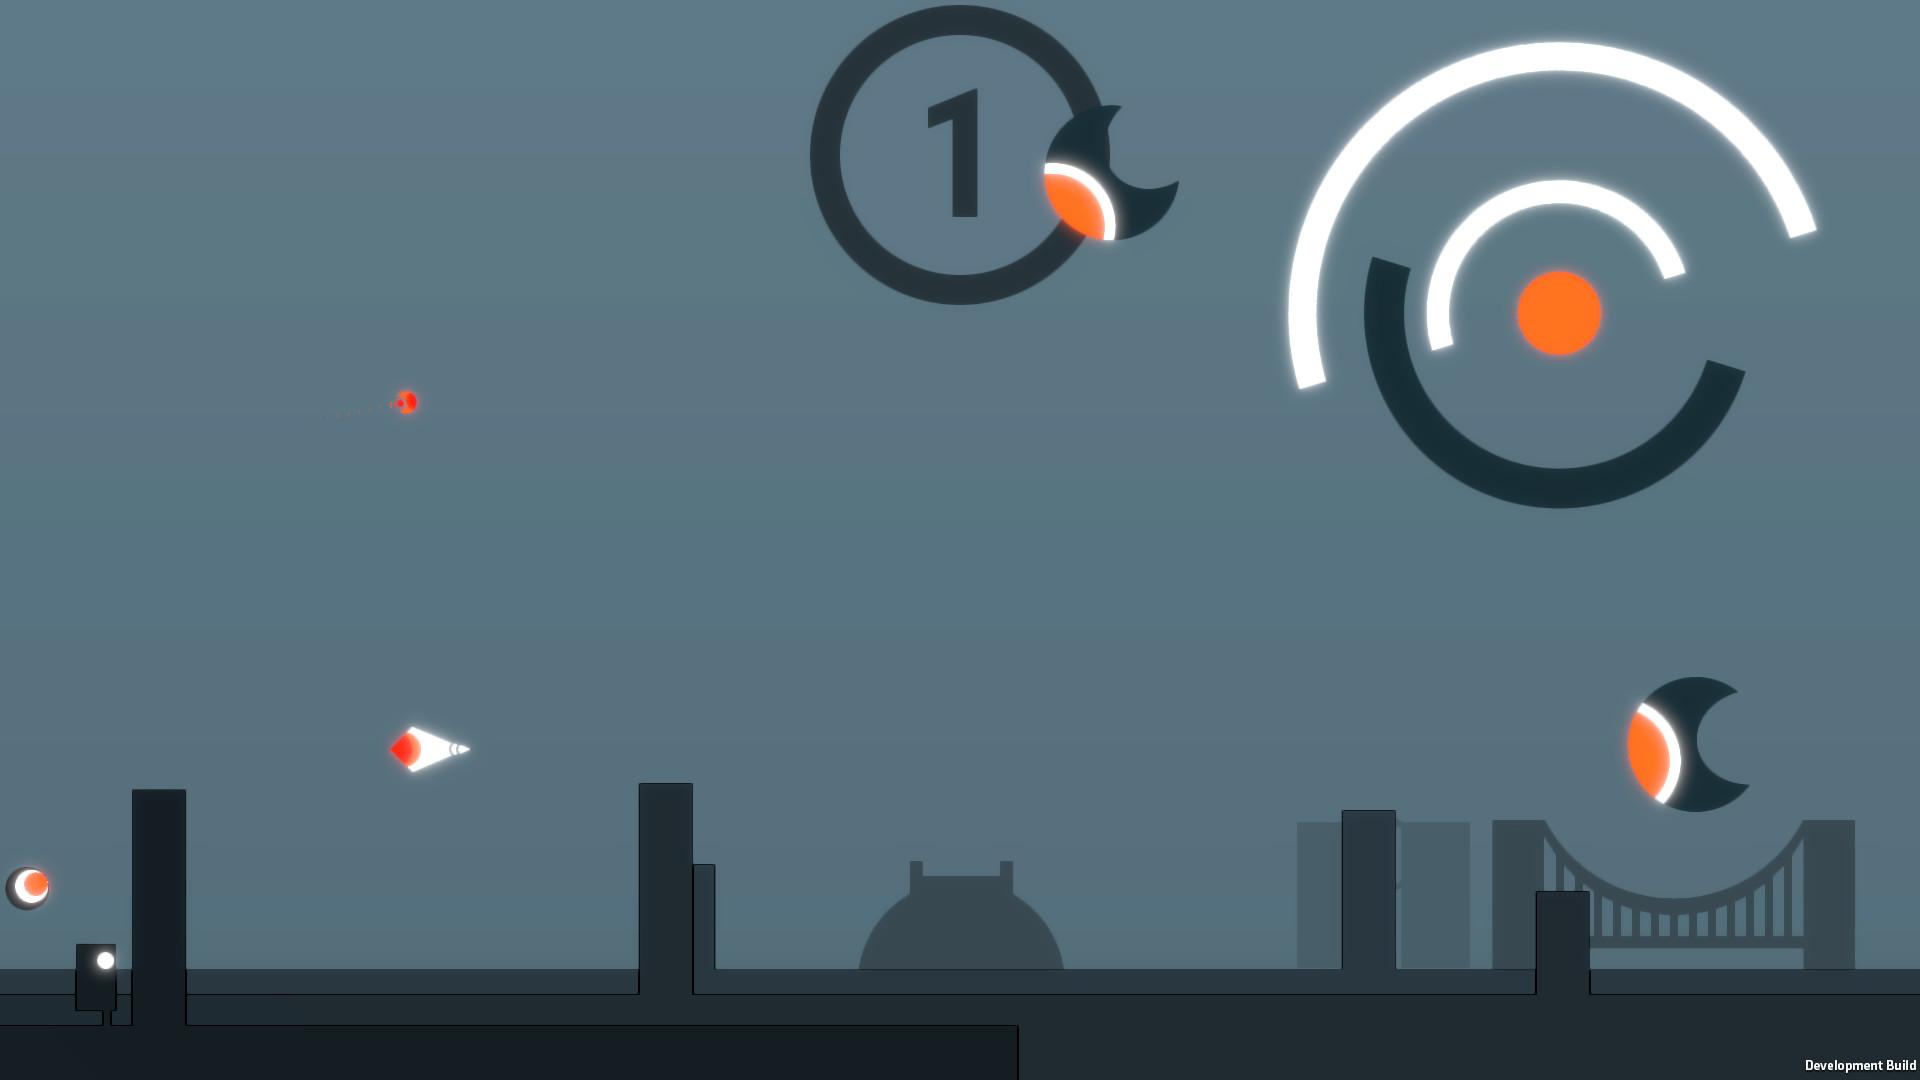 Run, my little pixel screenshot